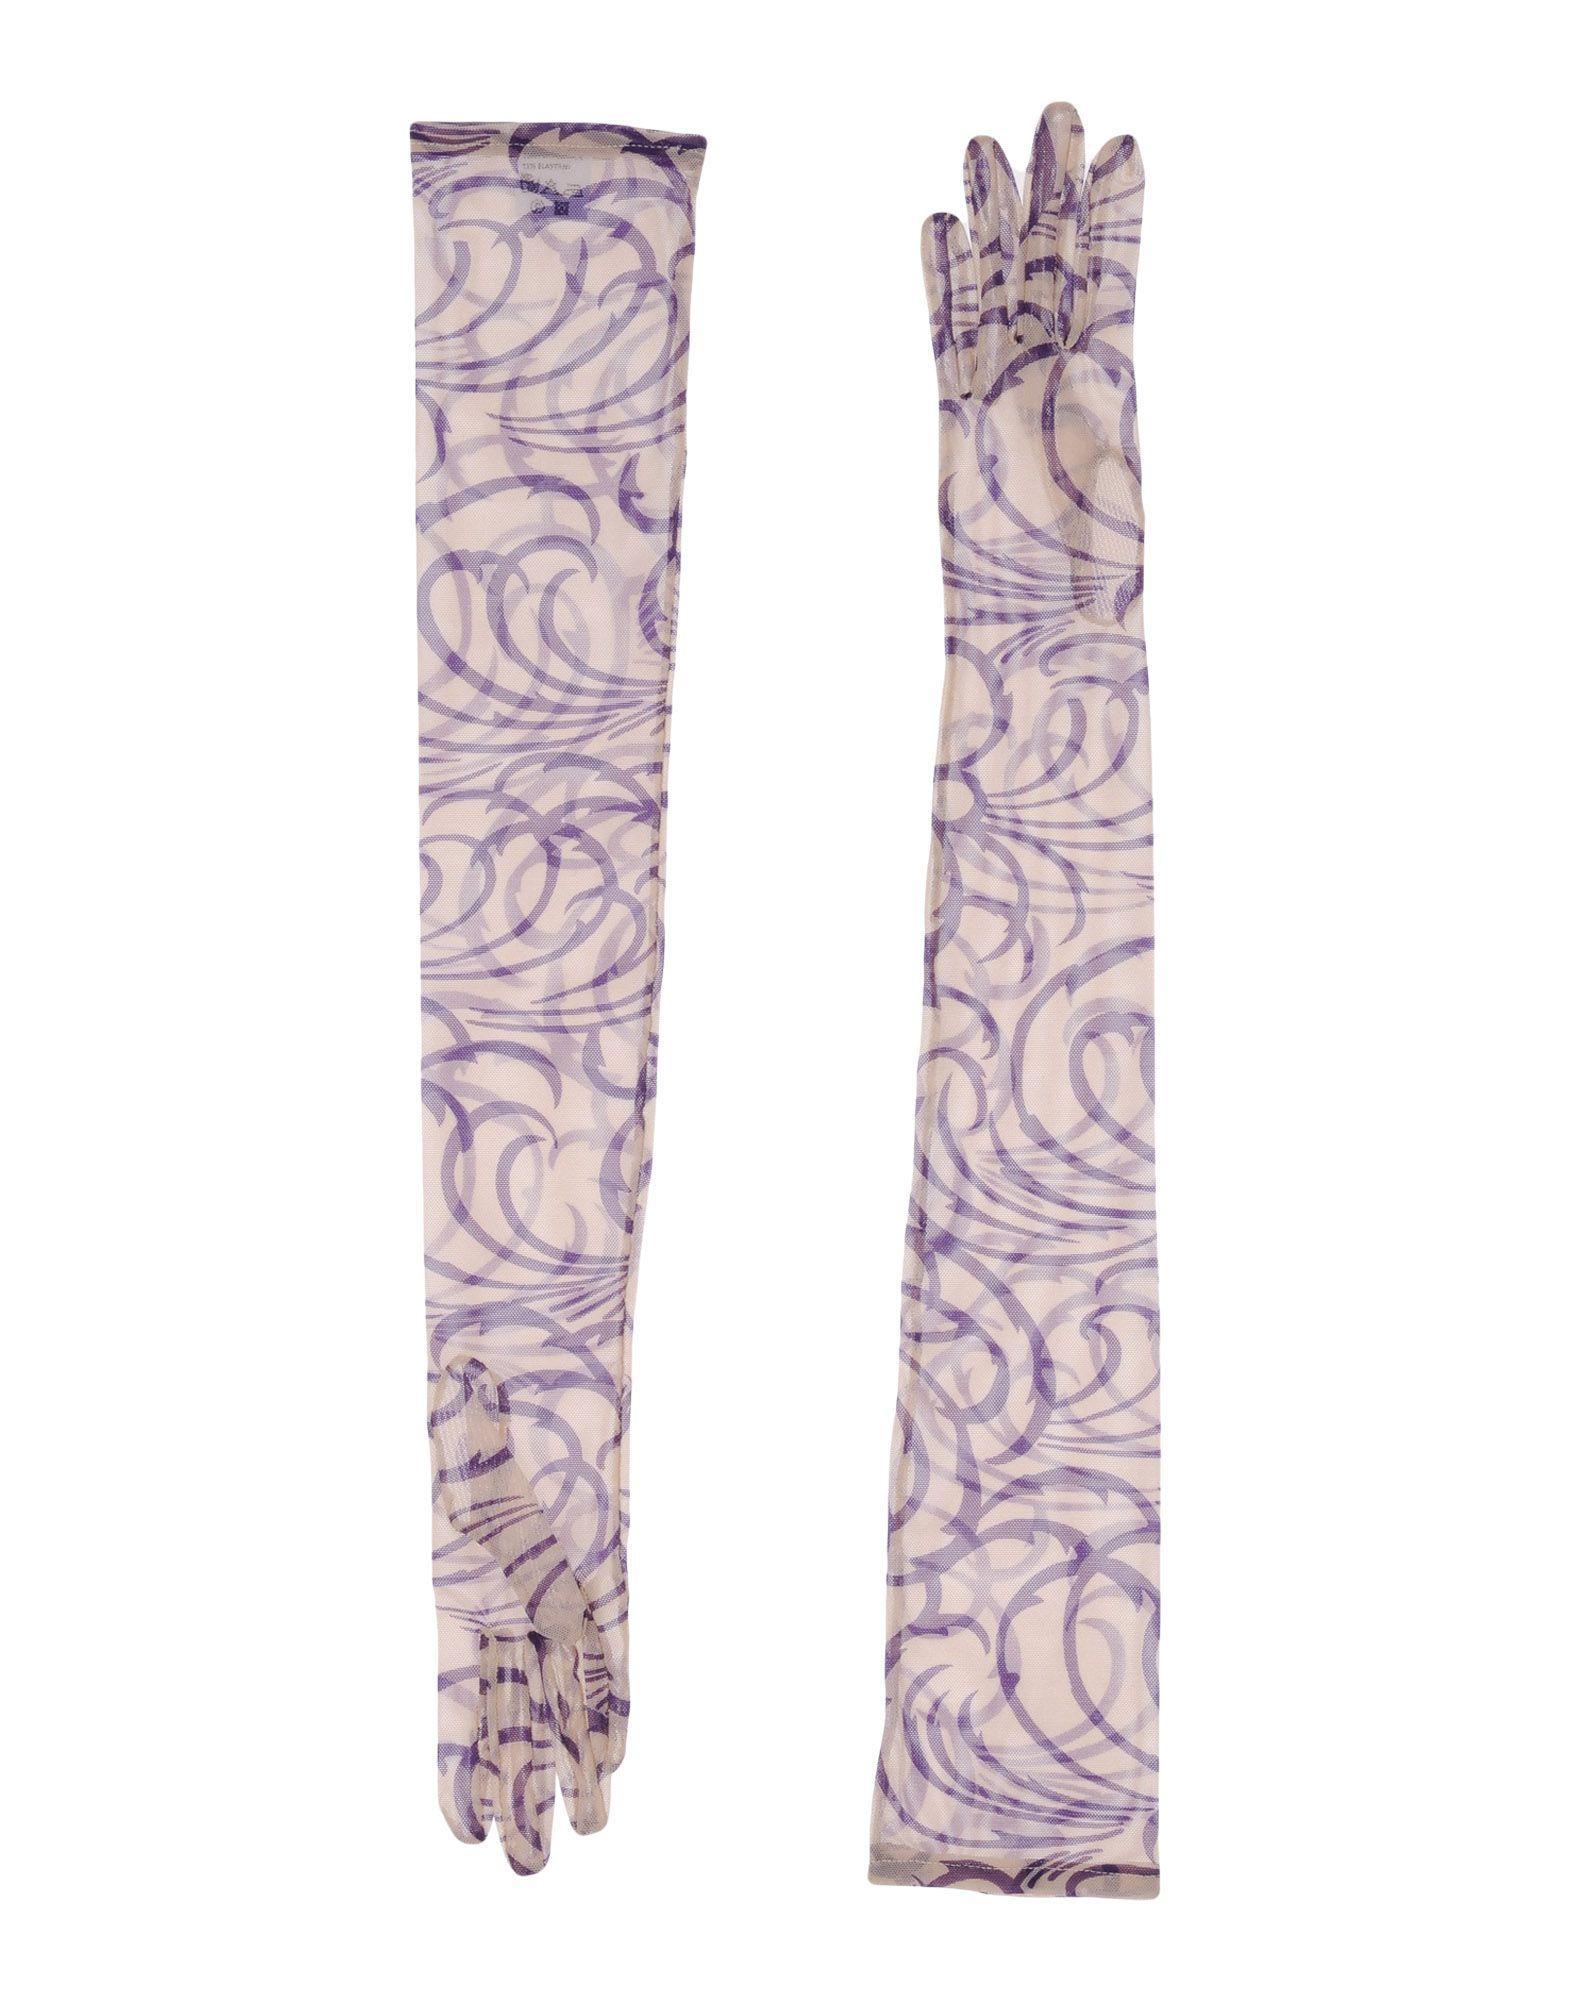 Dries van noten Gloves in Purple